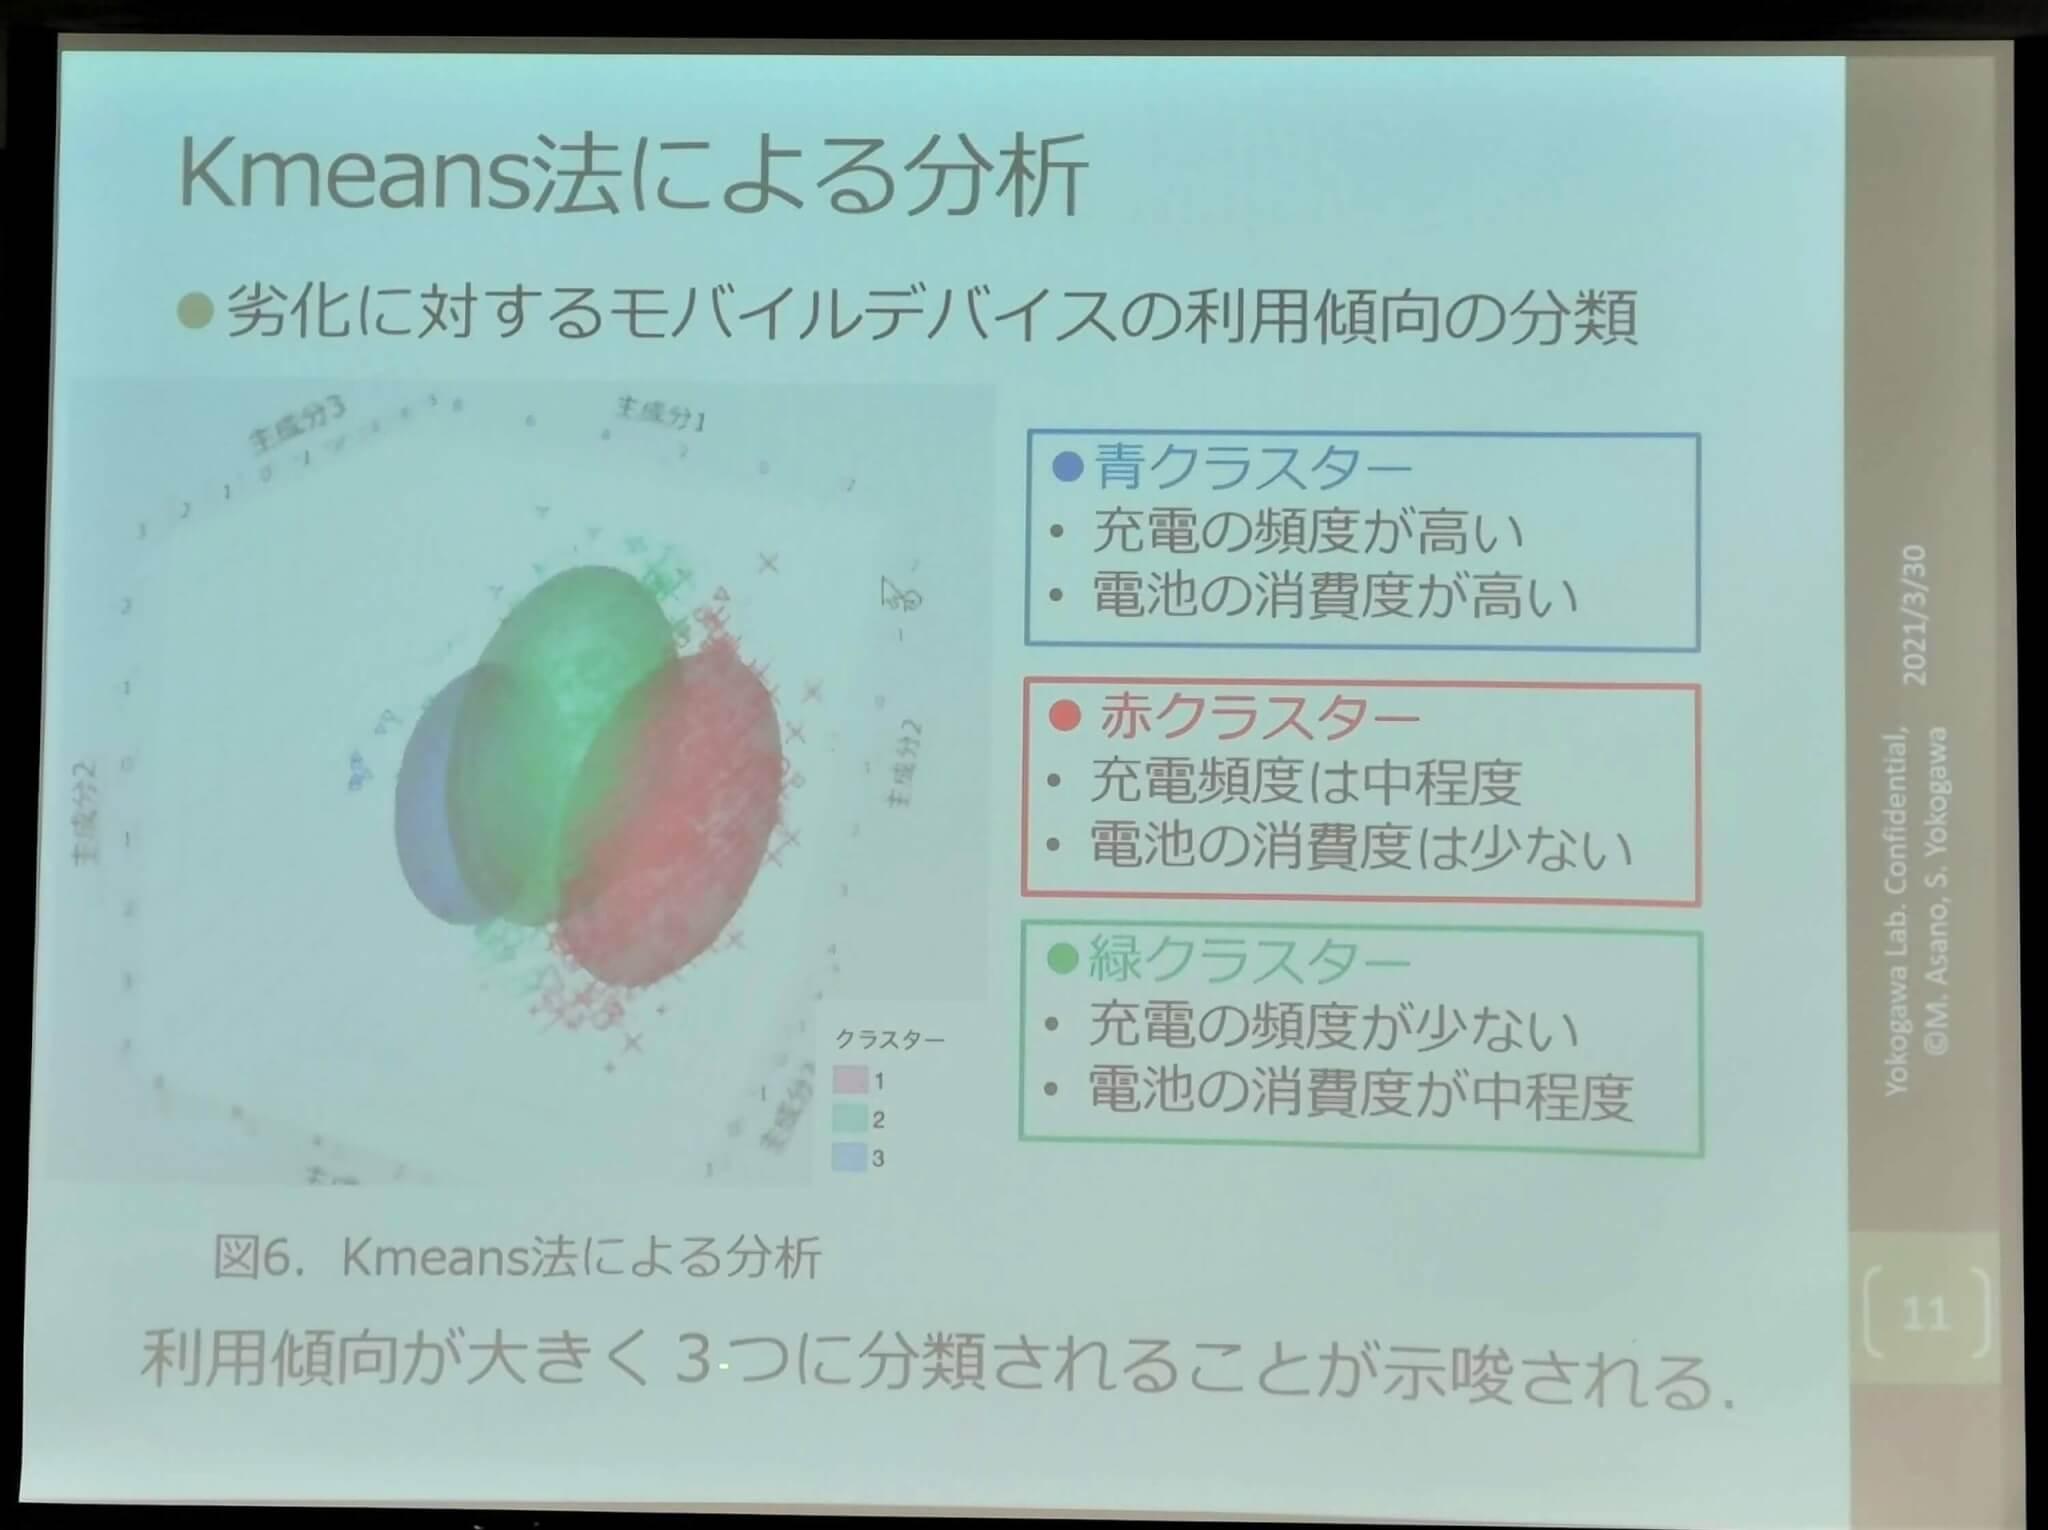 解析の結果、利用傾向は大きく3つに分類された